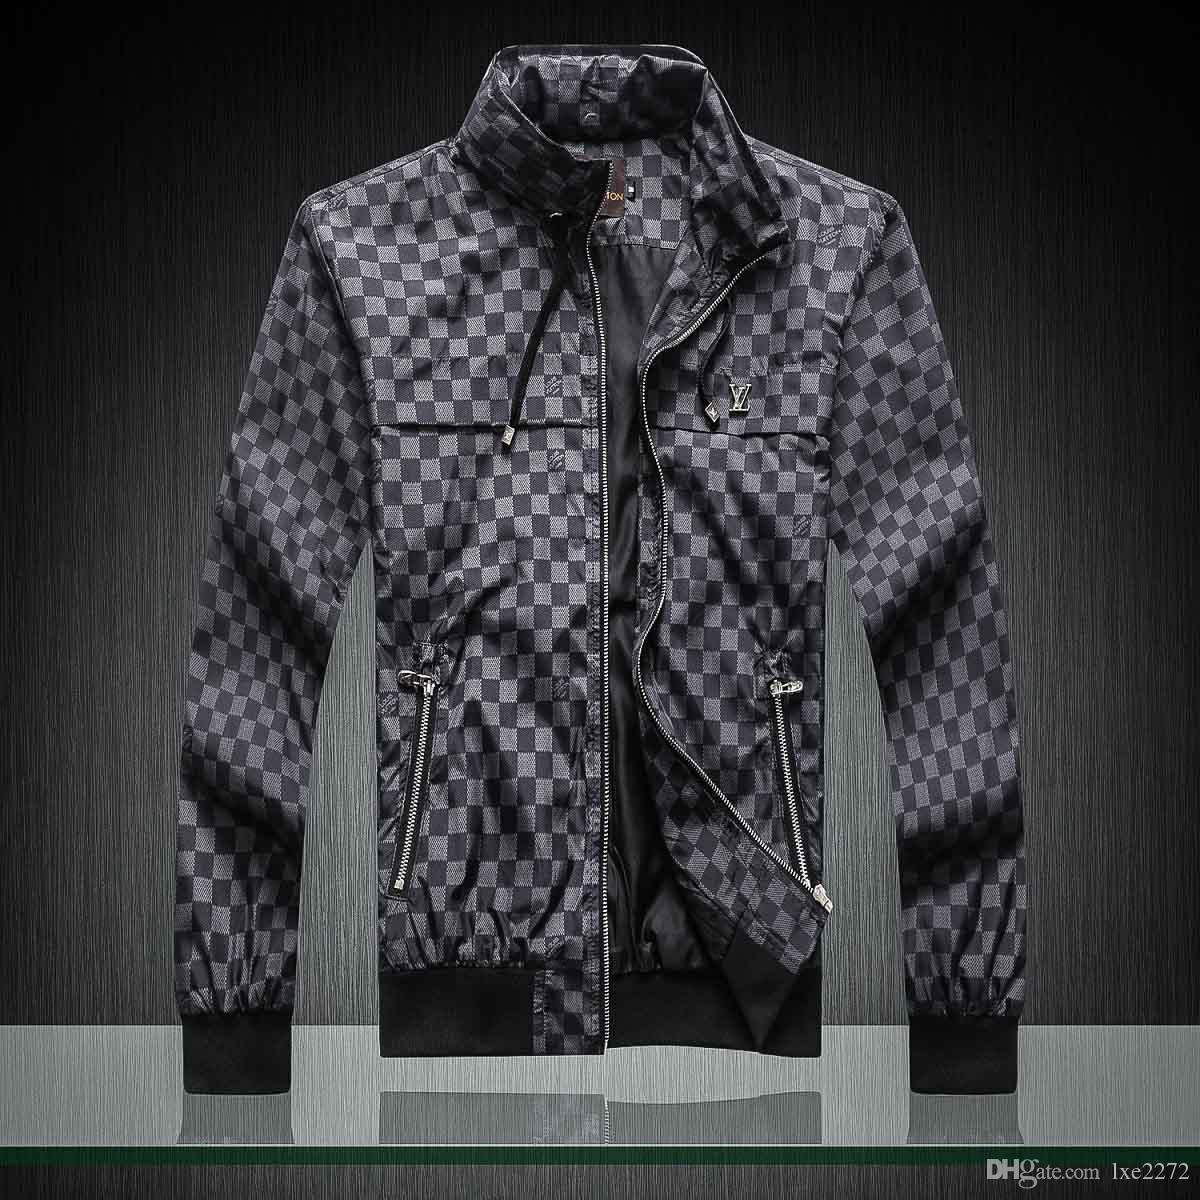 2019ss моды высокого качества для мужских спортивного последней цветочного узора письма Застежки-молния мужской Medusa случайной куртки куртки мужской молния M-3XL